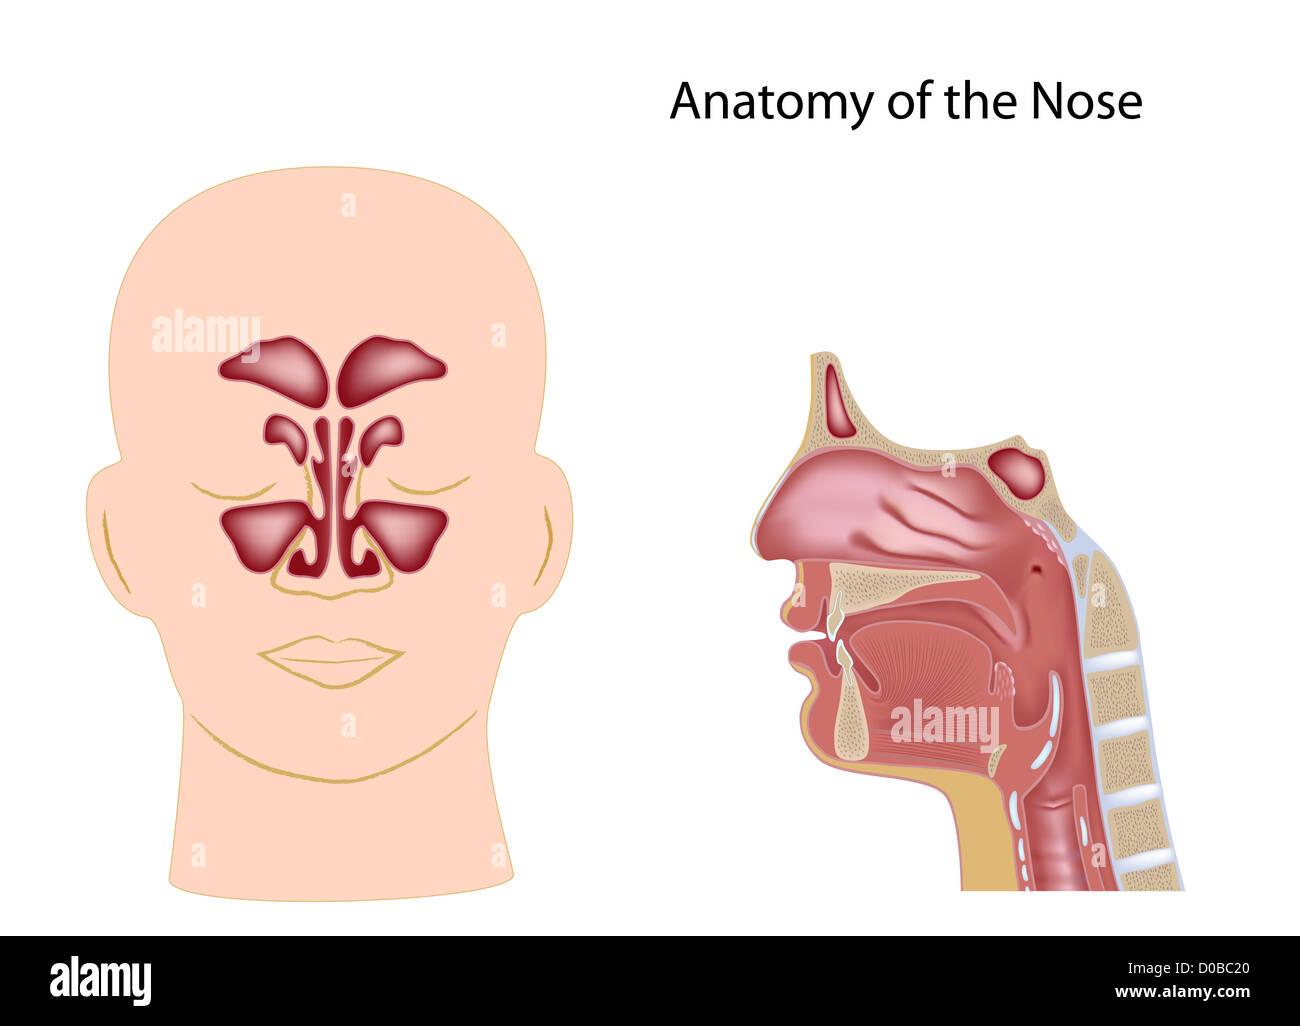 Schön Nase Anatomie Ideen - Menschliche Anatomie Bilder ...